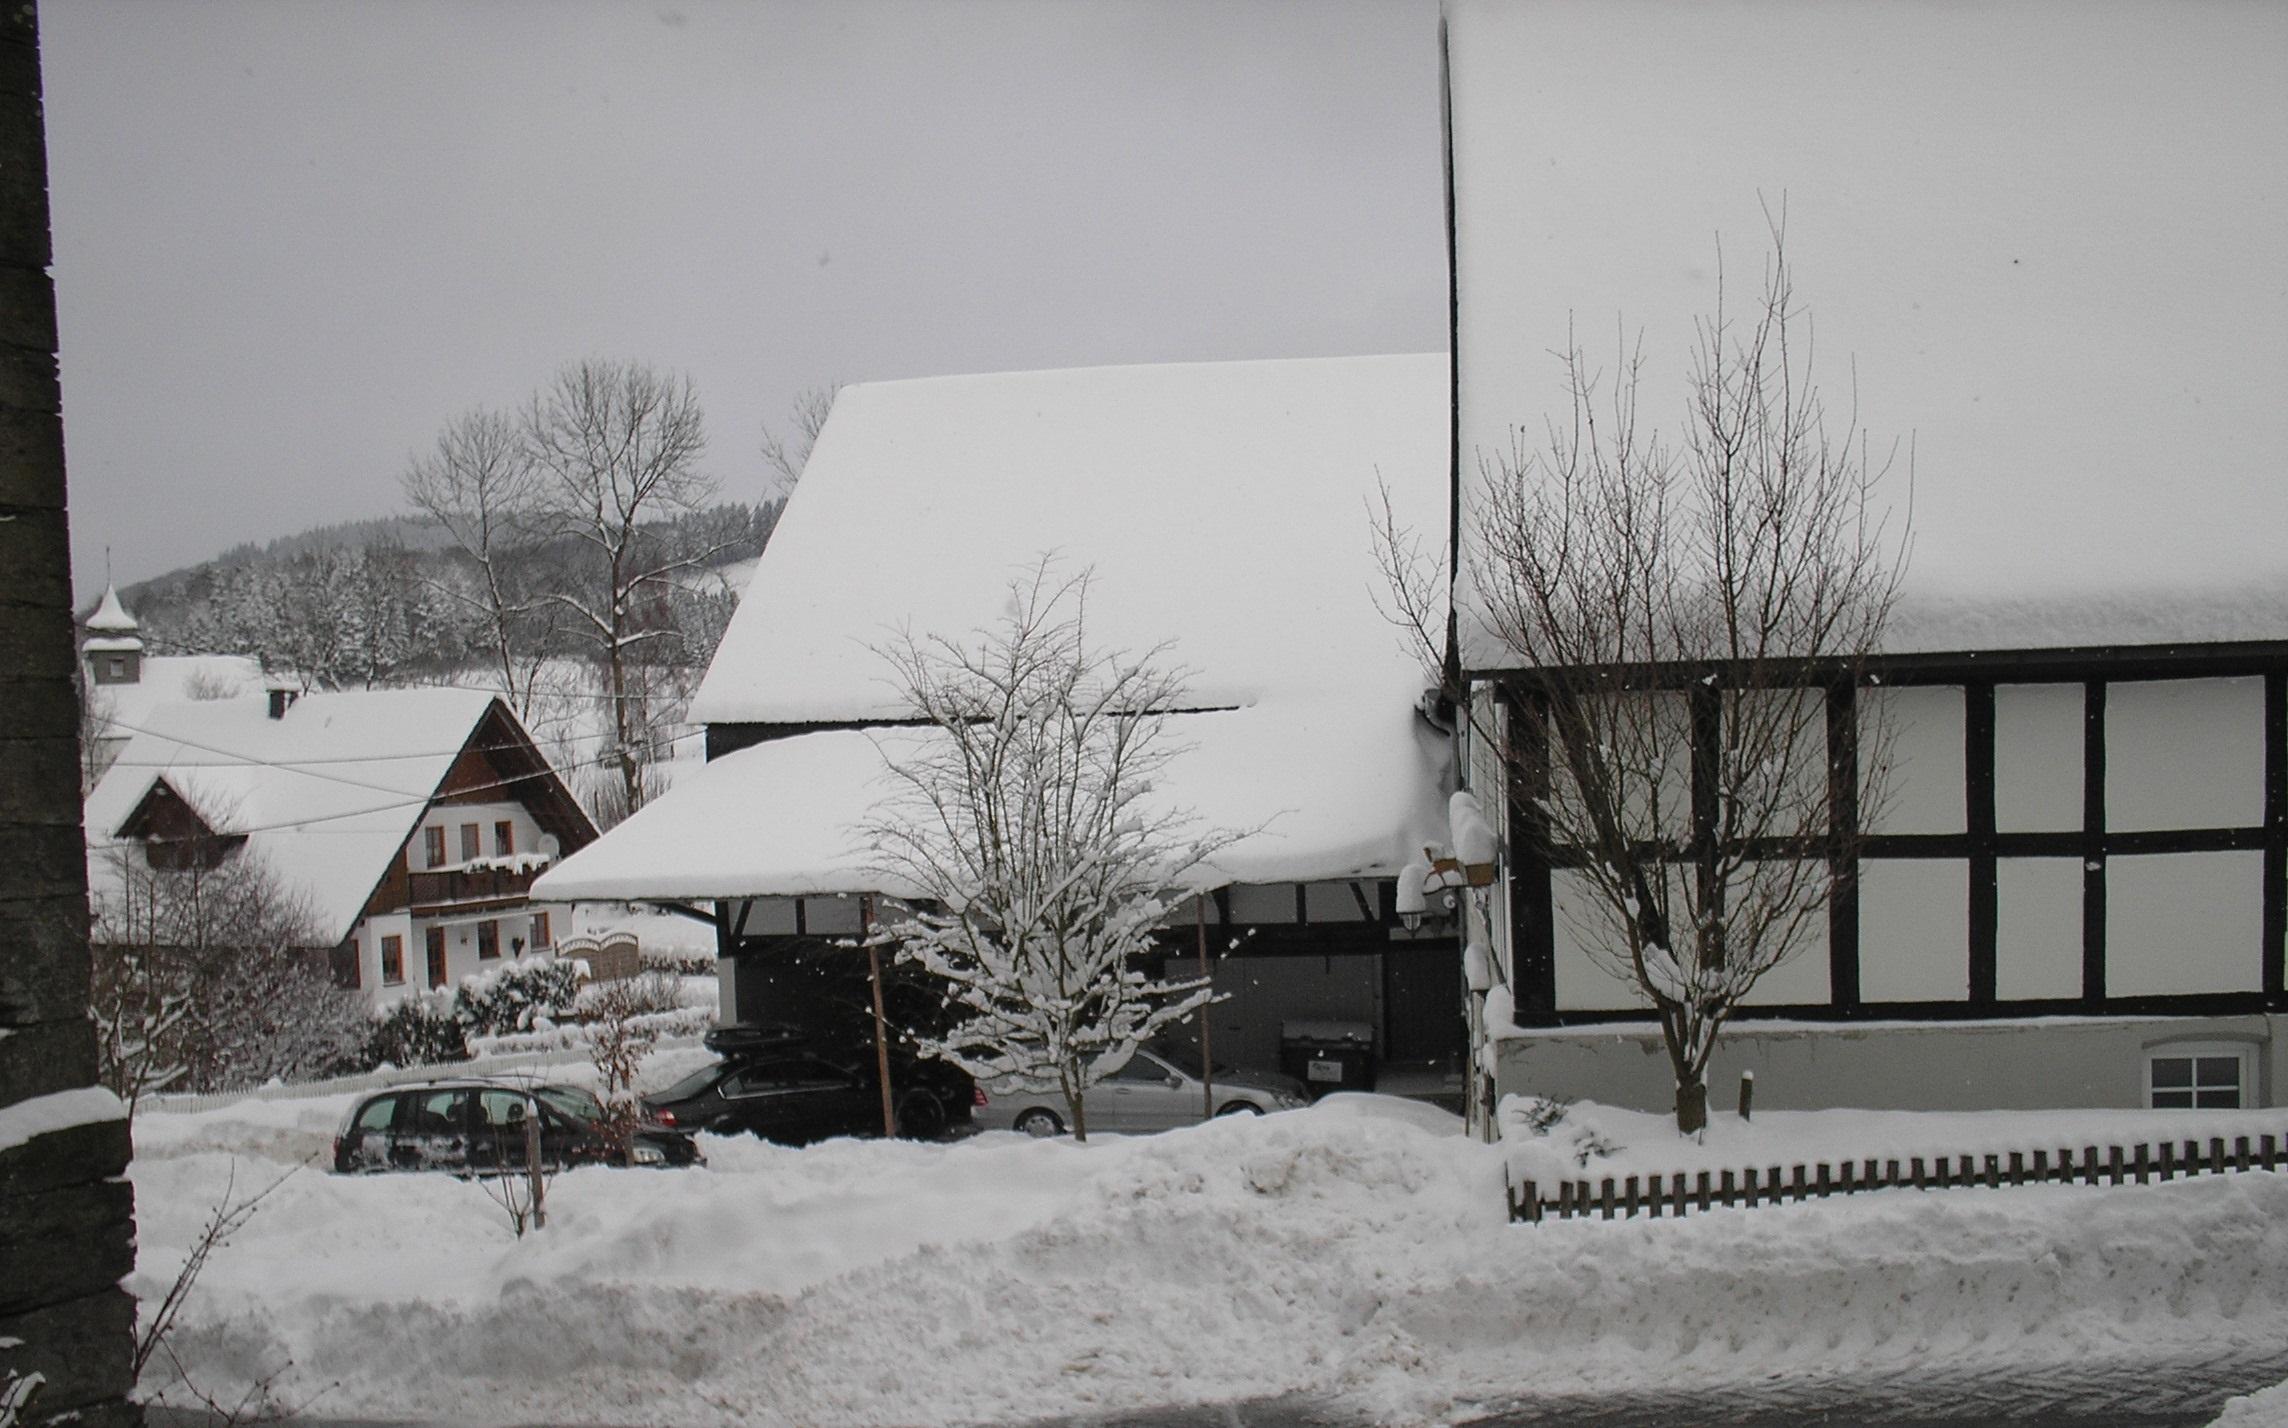 Ferienhof Bremrich